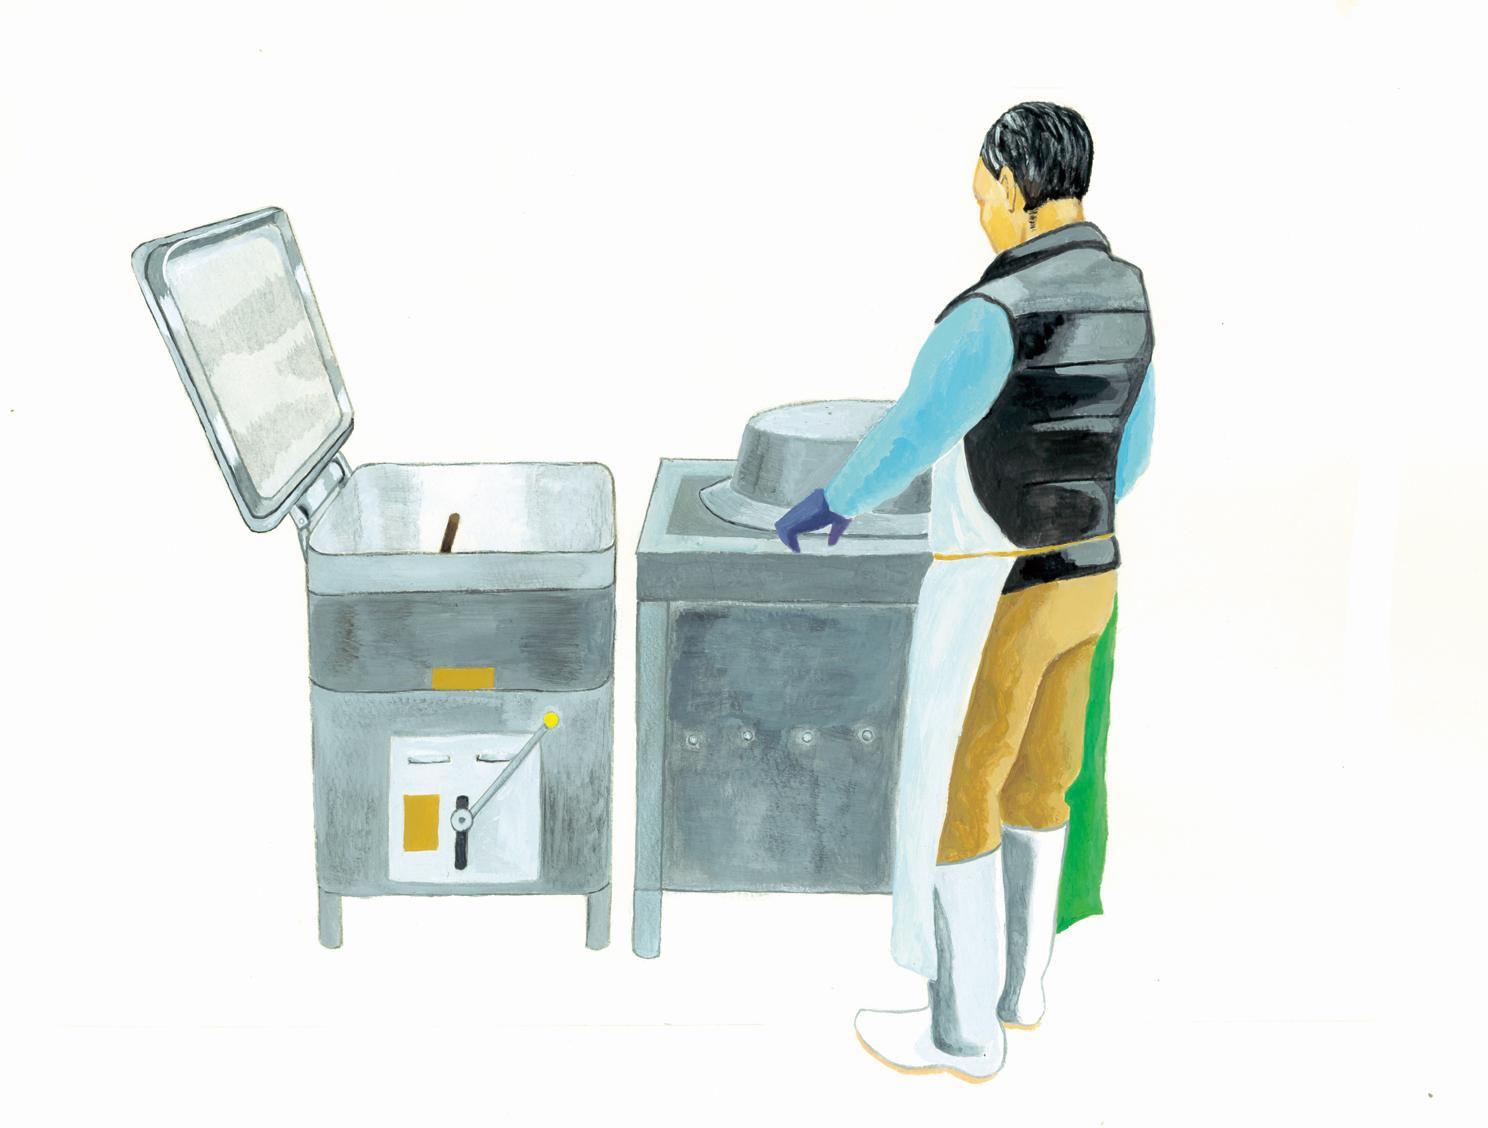 この機械で砕いた大豆を煮て、プレスして豆乳にする